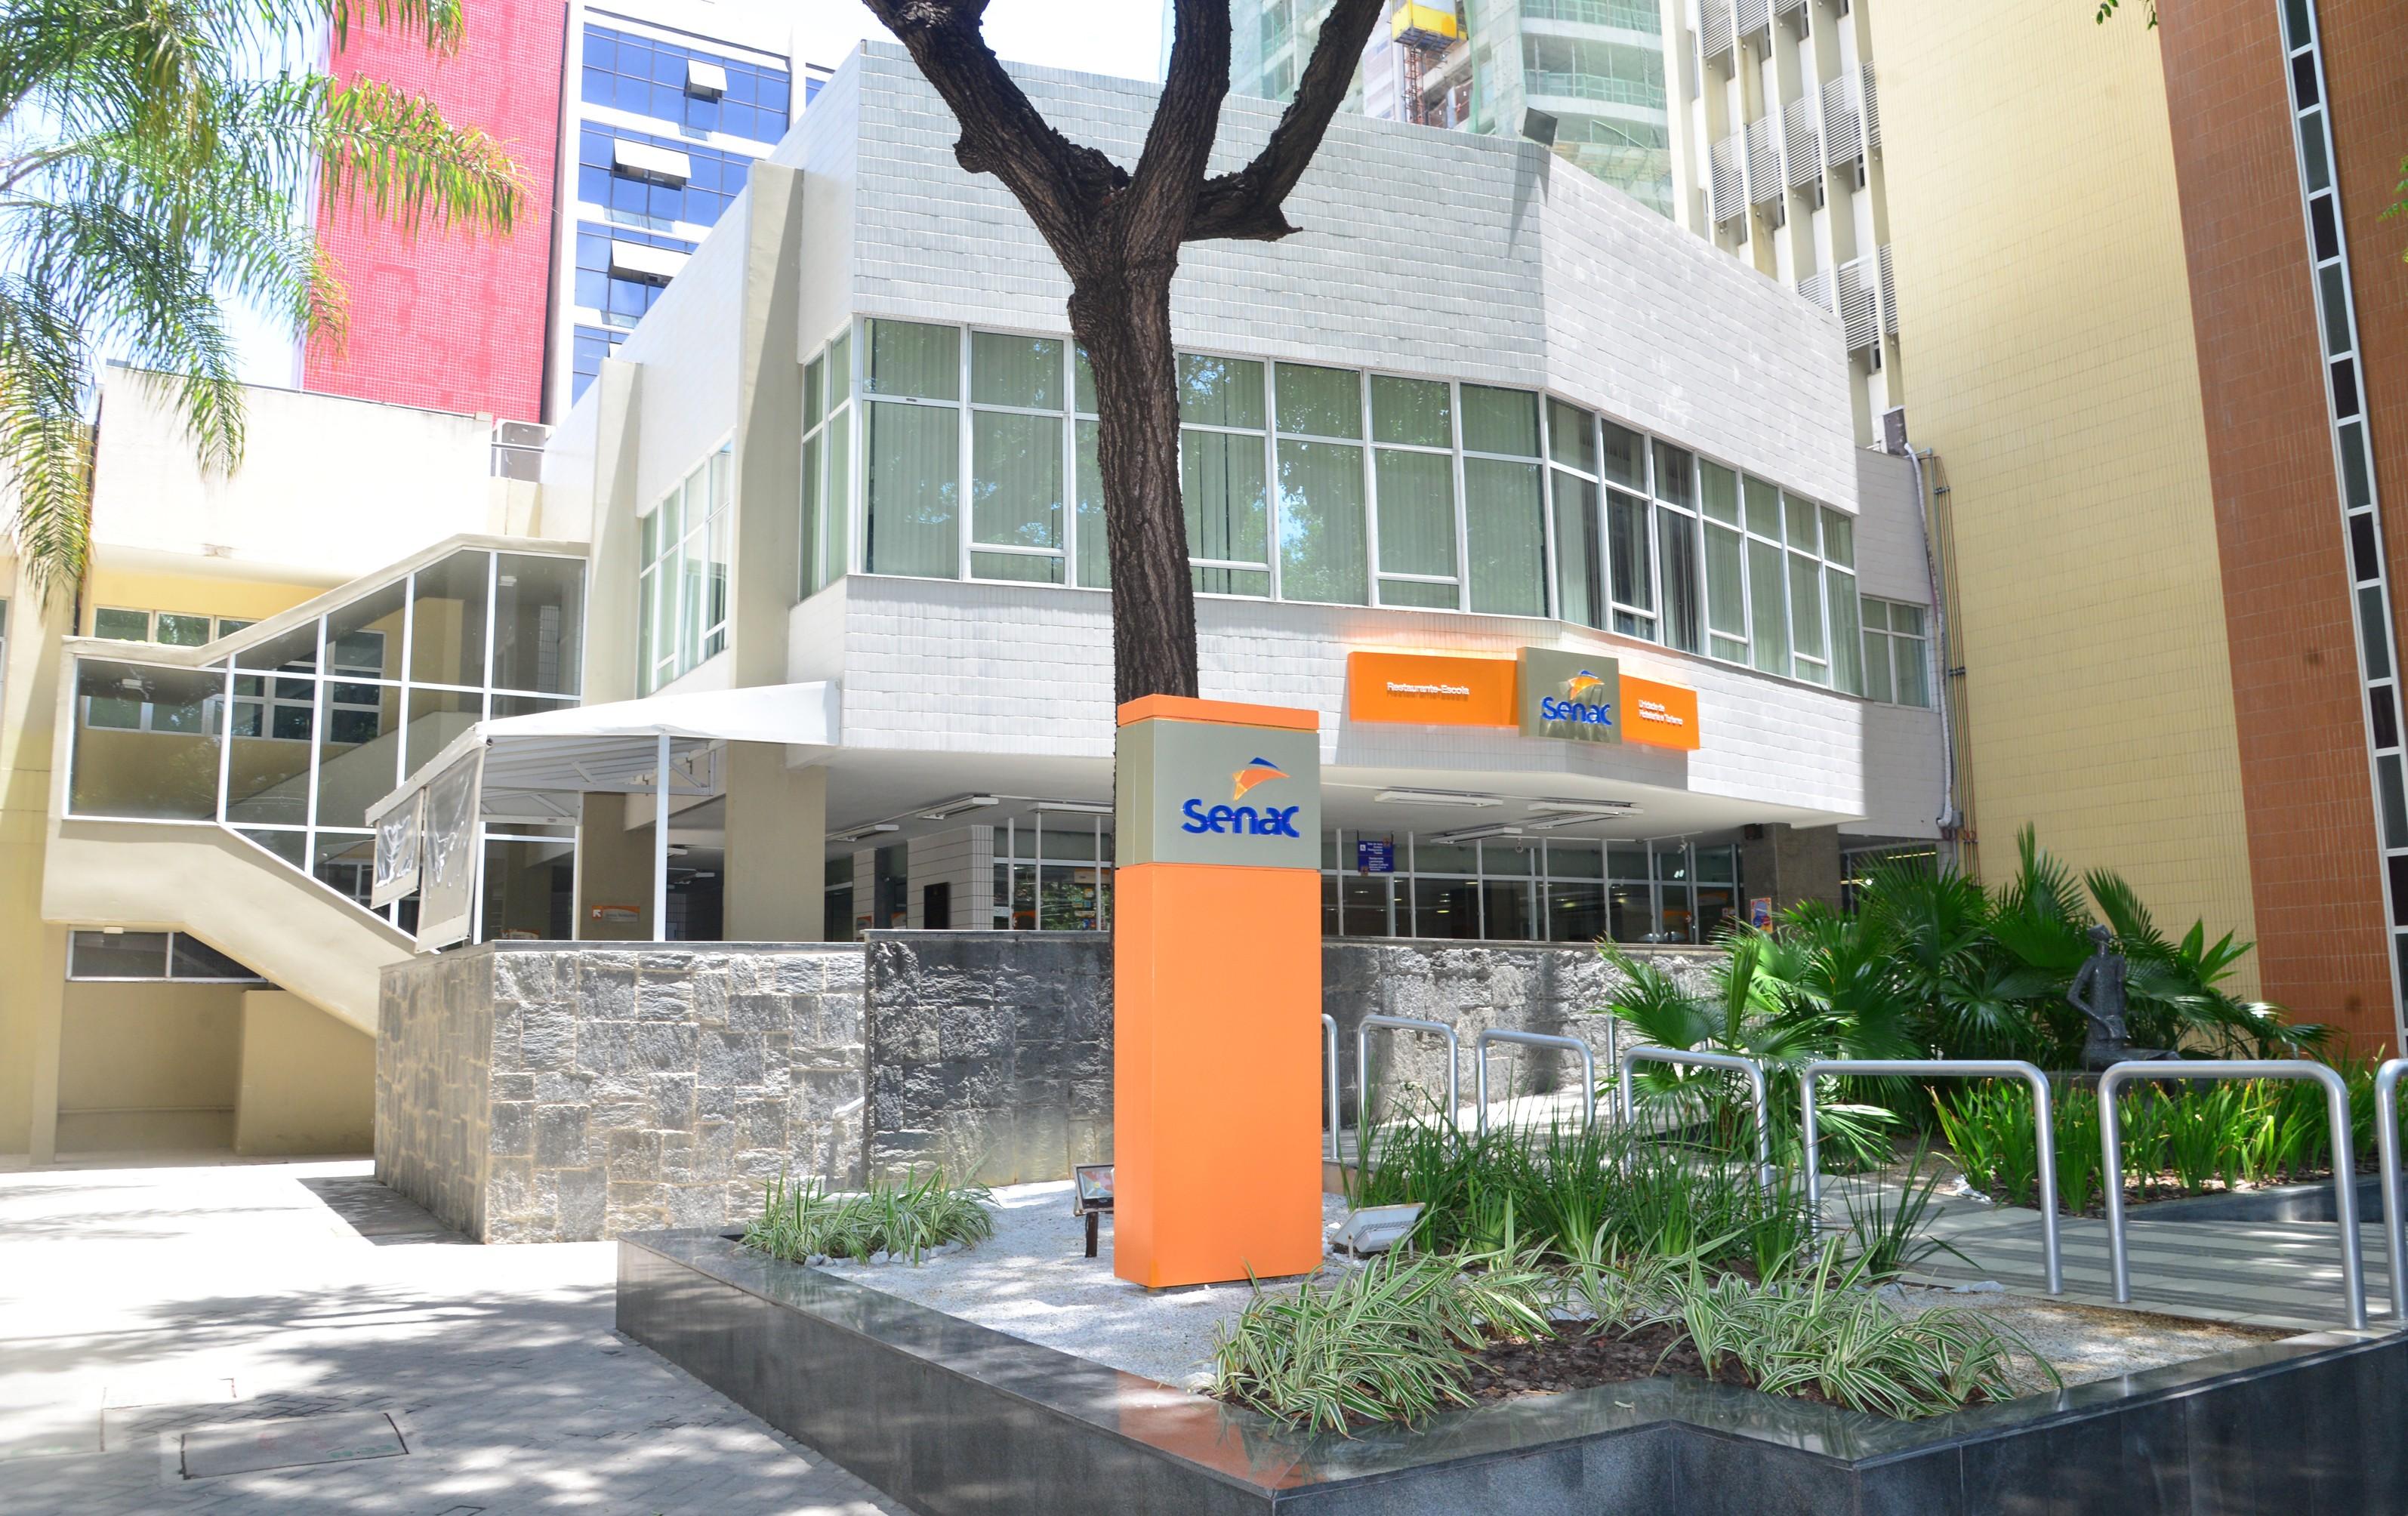 Faculdade Senac oferece minicursos gratuitos no Recife